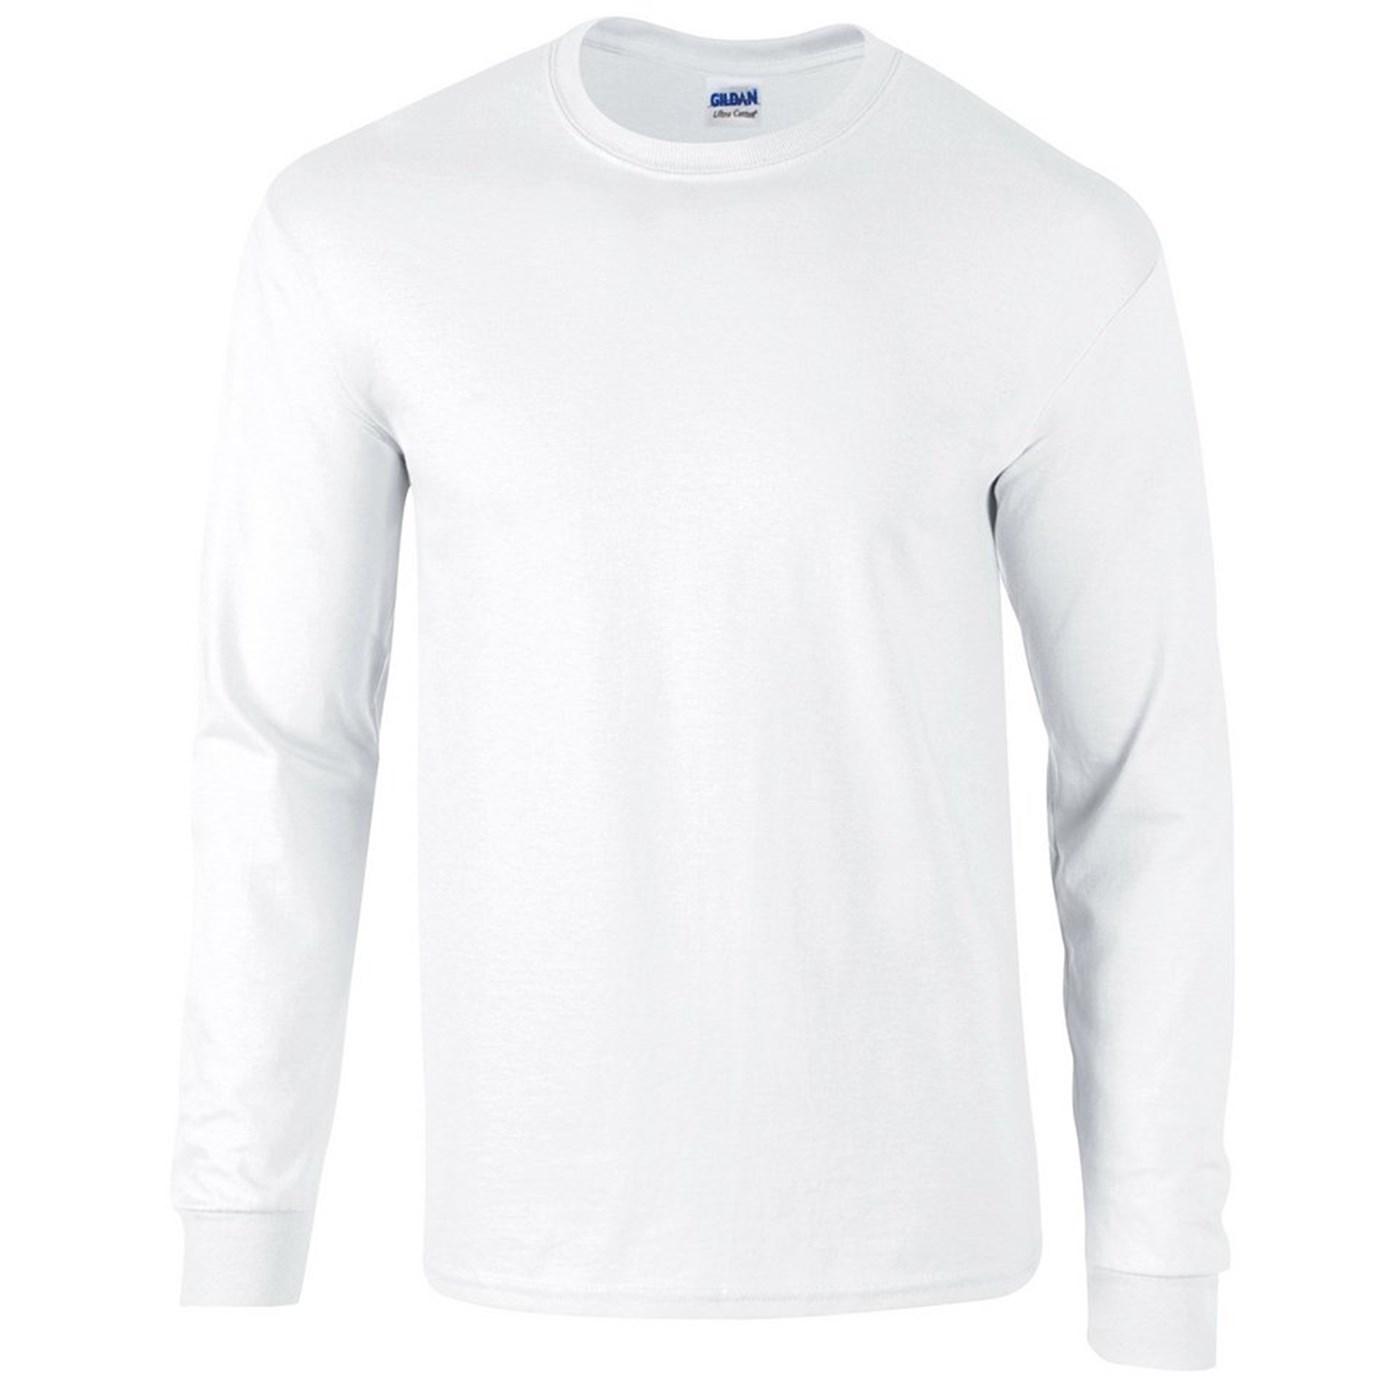 9ef342c13c0d4e Gildan Adult's Ultra Cotton Long Sleeve T-Shirt GD014